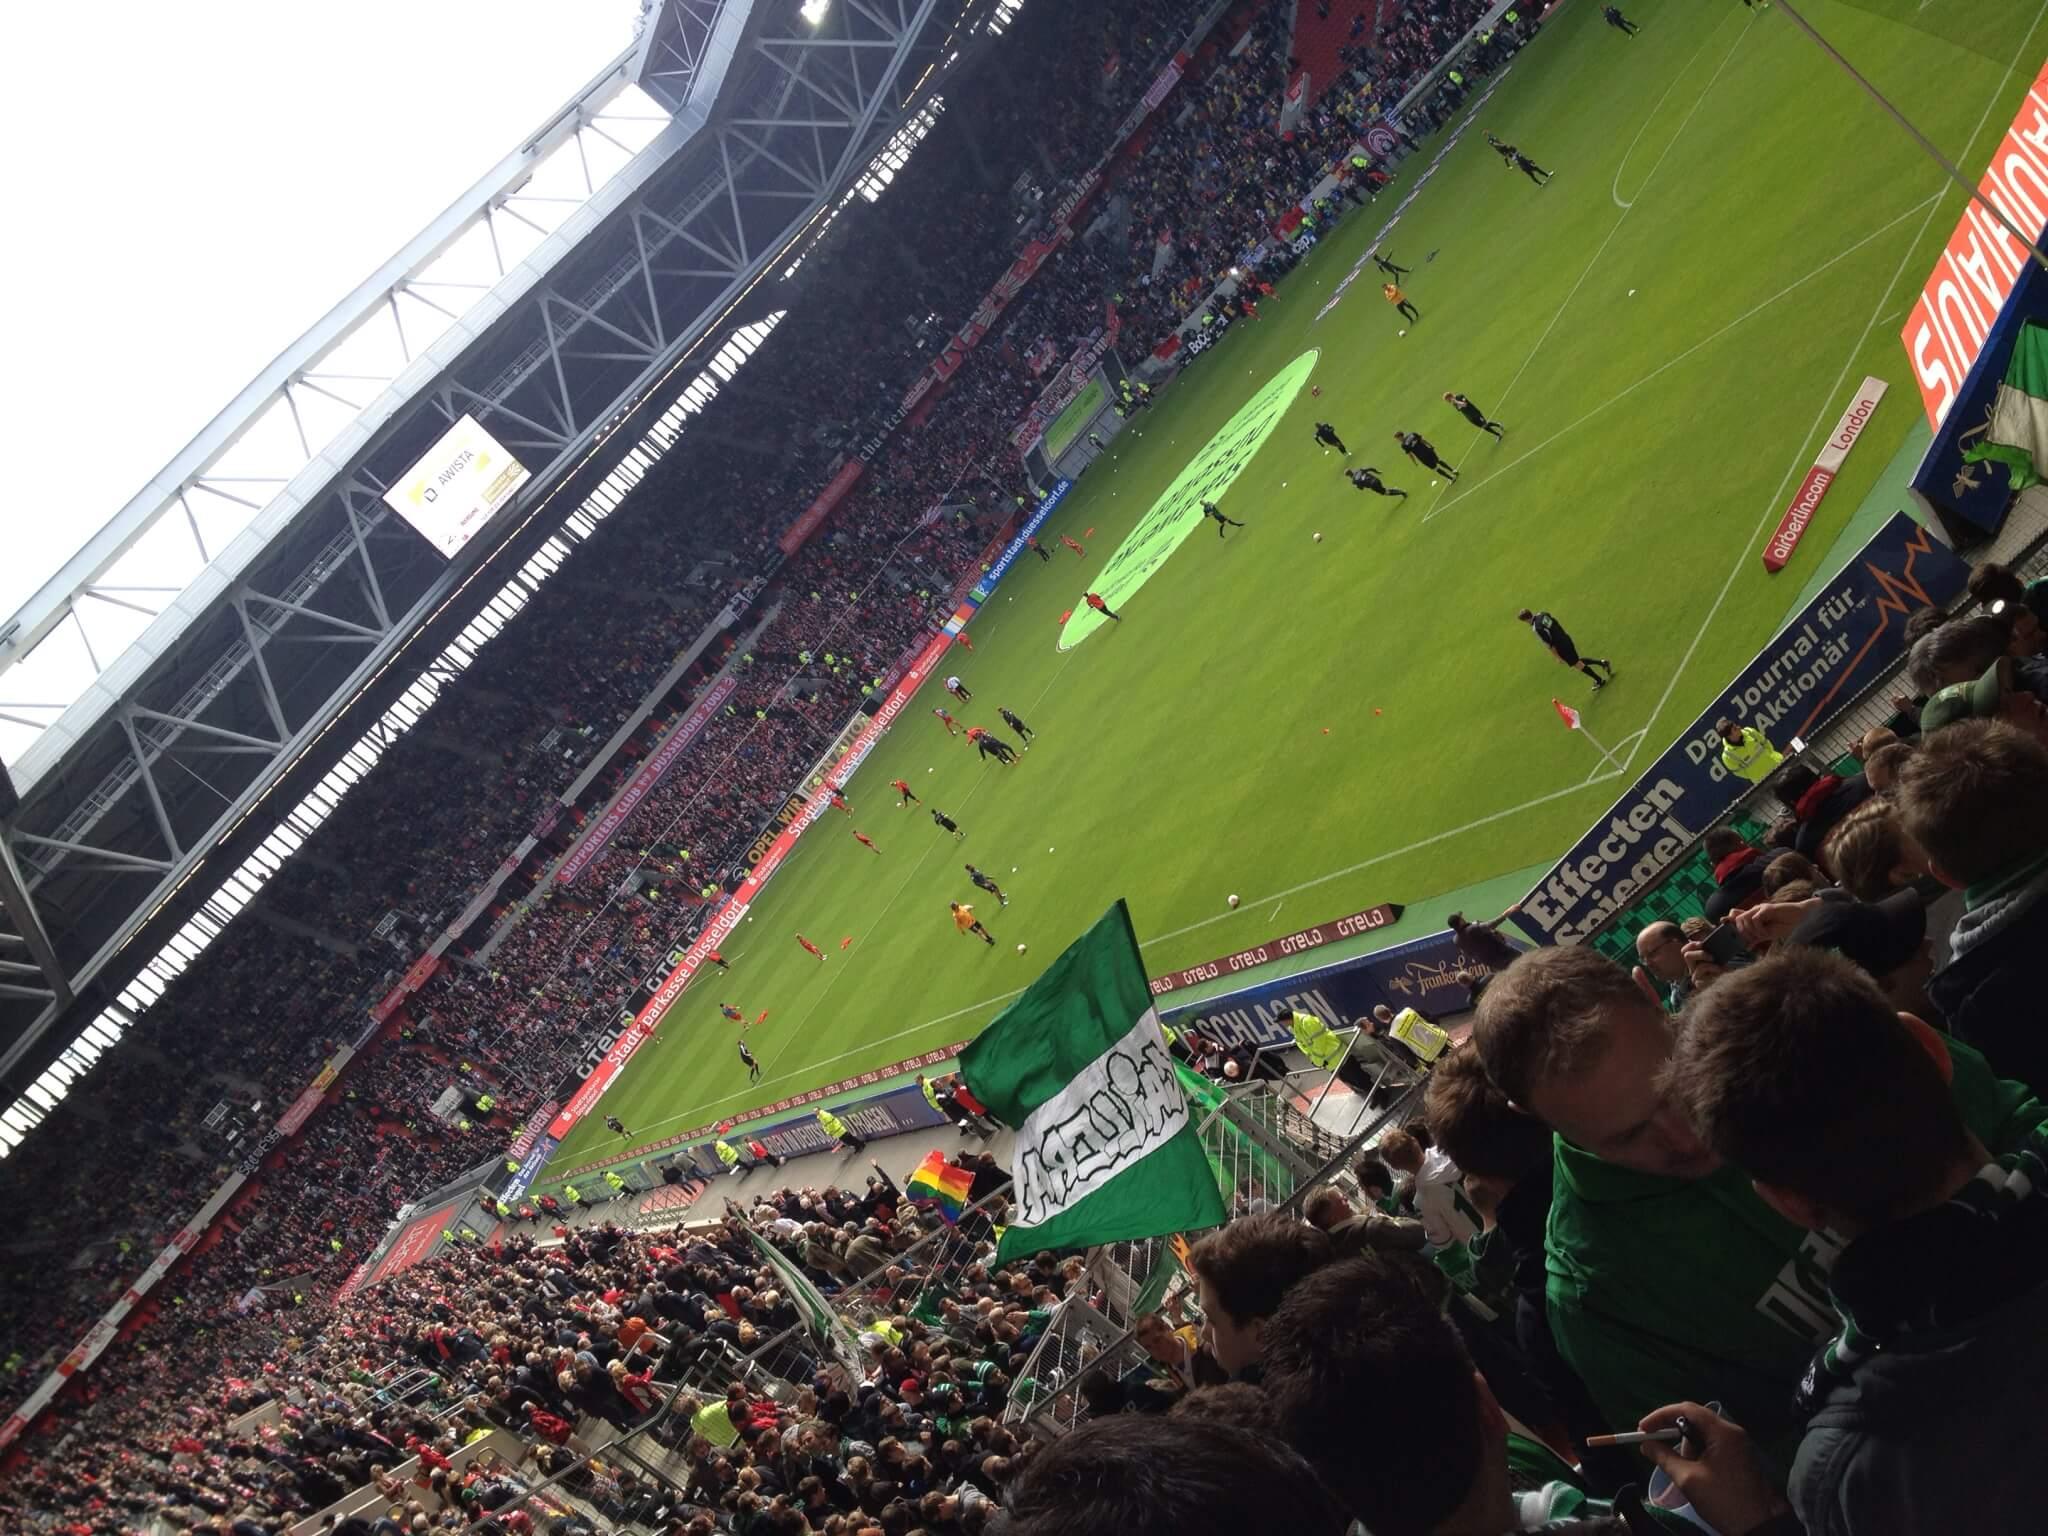 Rheinstadion, Düsseldorf